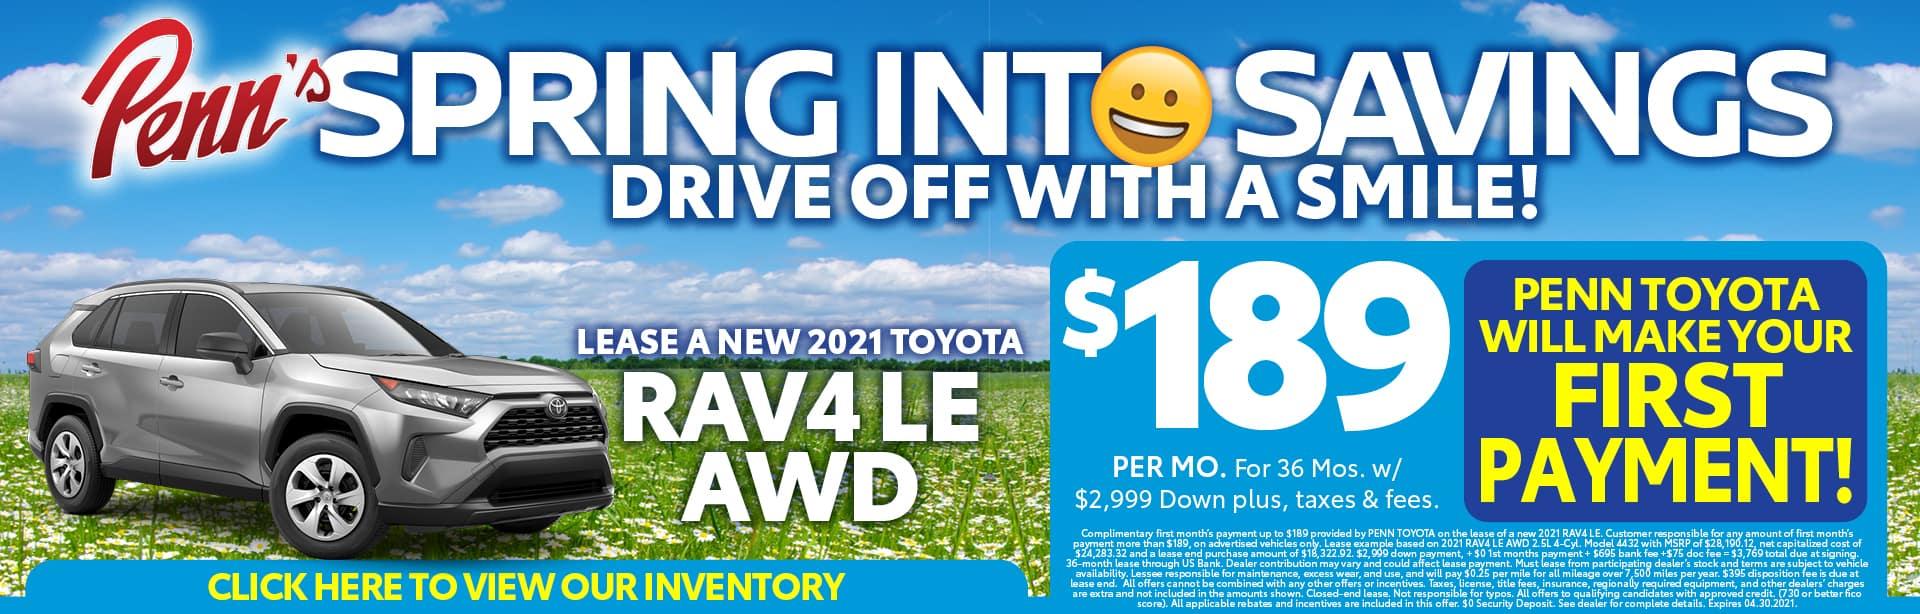 RAV4 Lease Offer